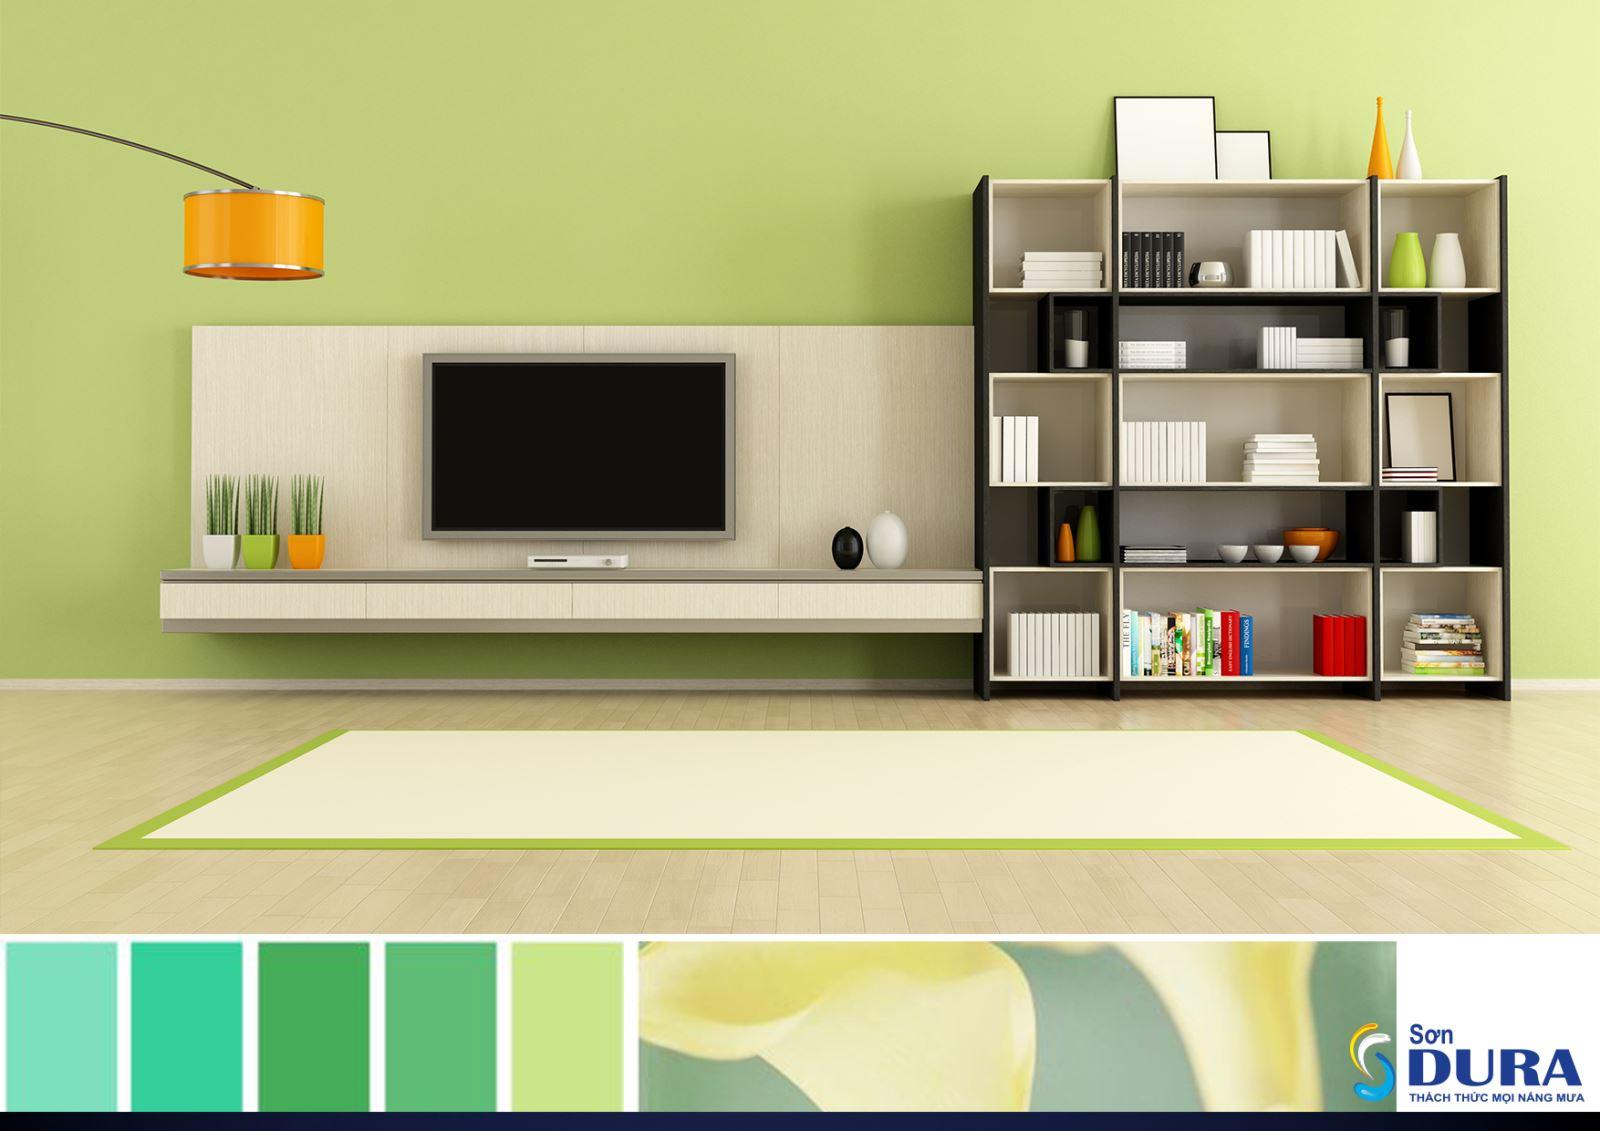 Màu mát được tạo ra như: vàng xanh, xanh lá cây, lục lam. Màu mát như màu xanh ngọc và màu xanh cây cối luôn có trong tự nhiên